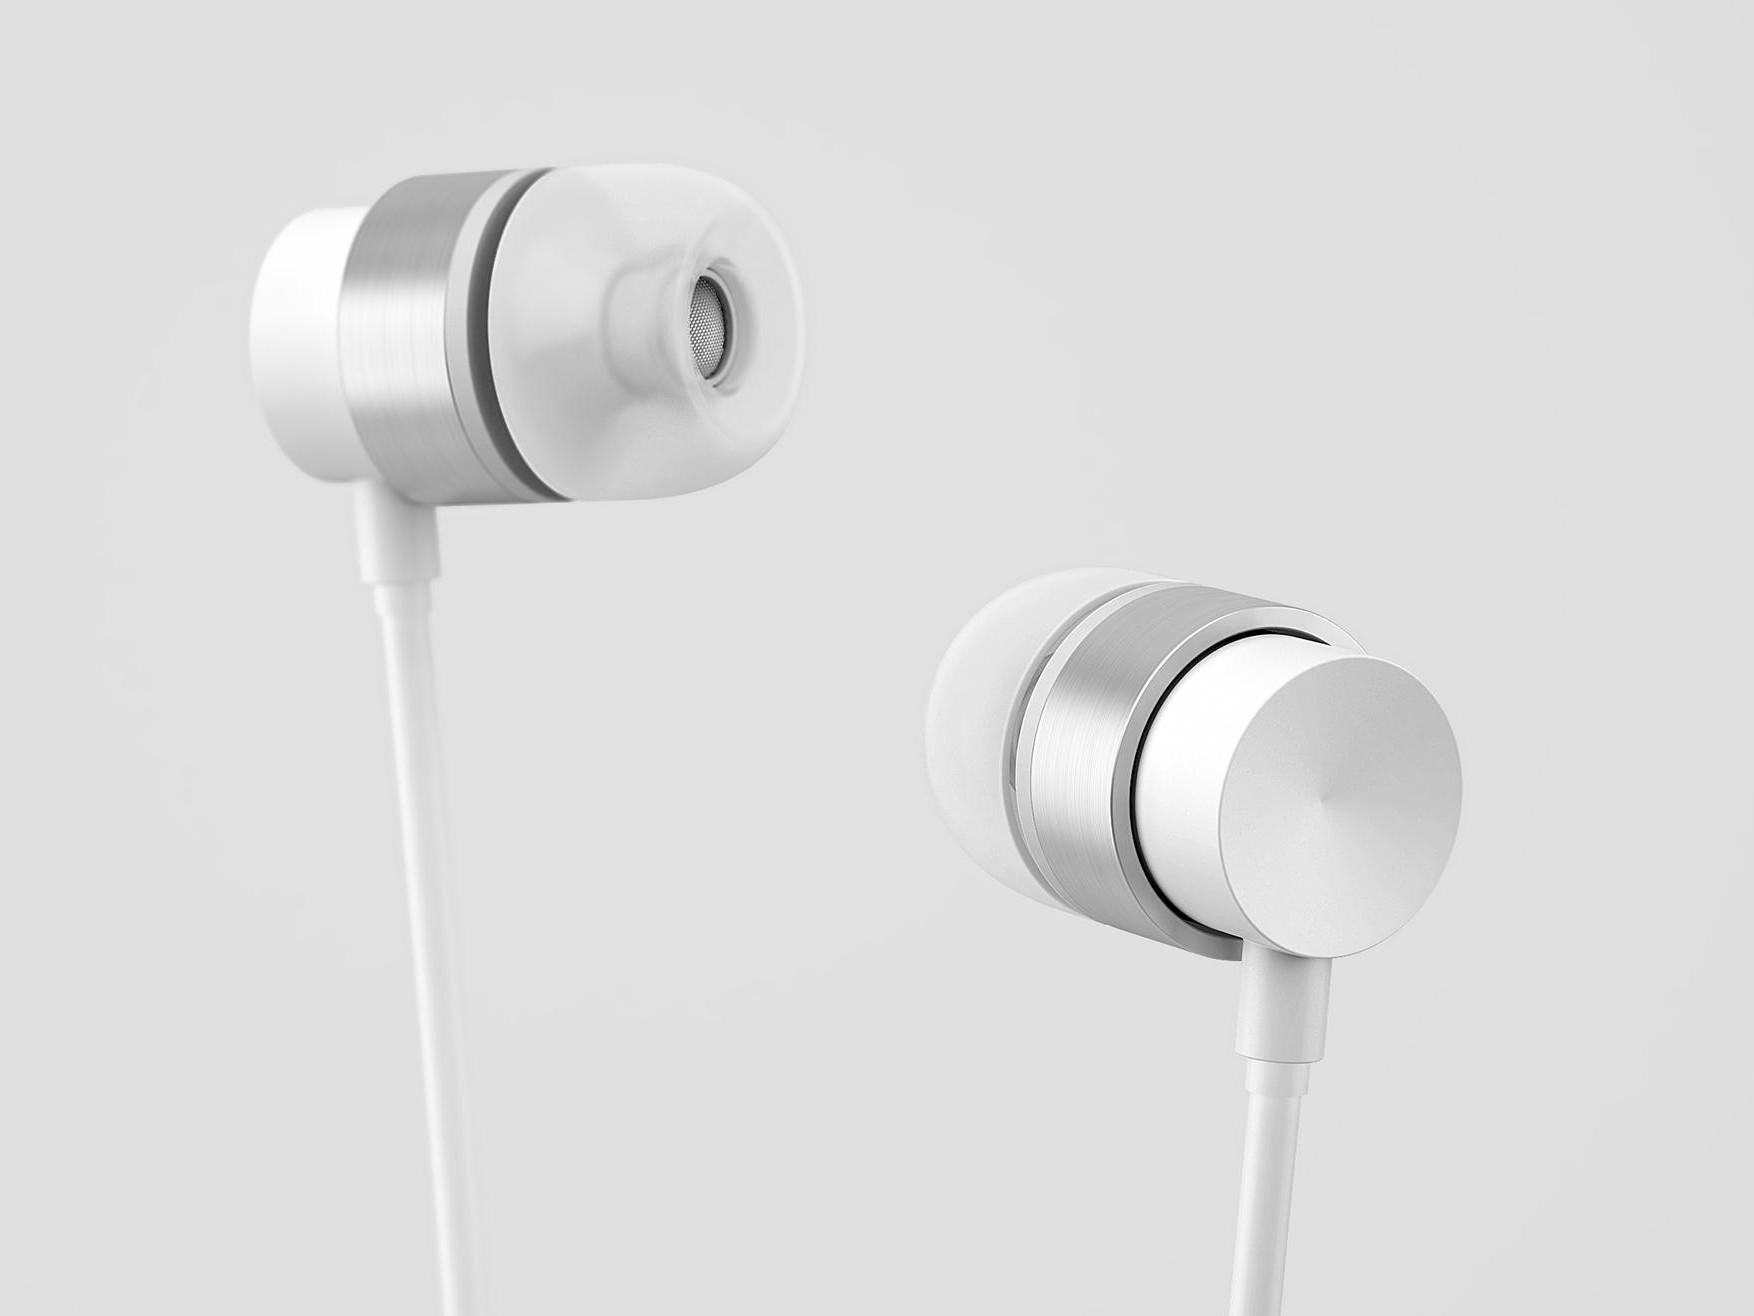 入耳式耳机的CE认证流程